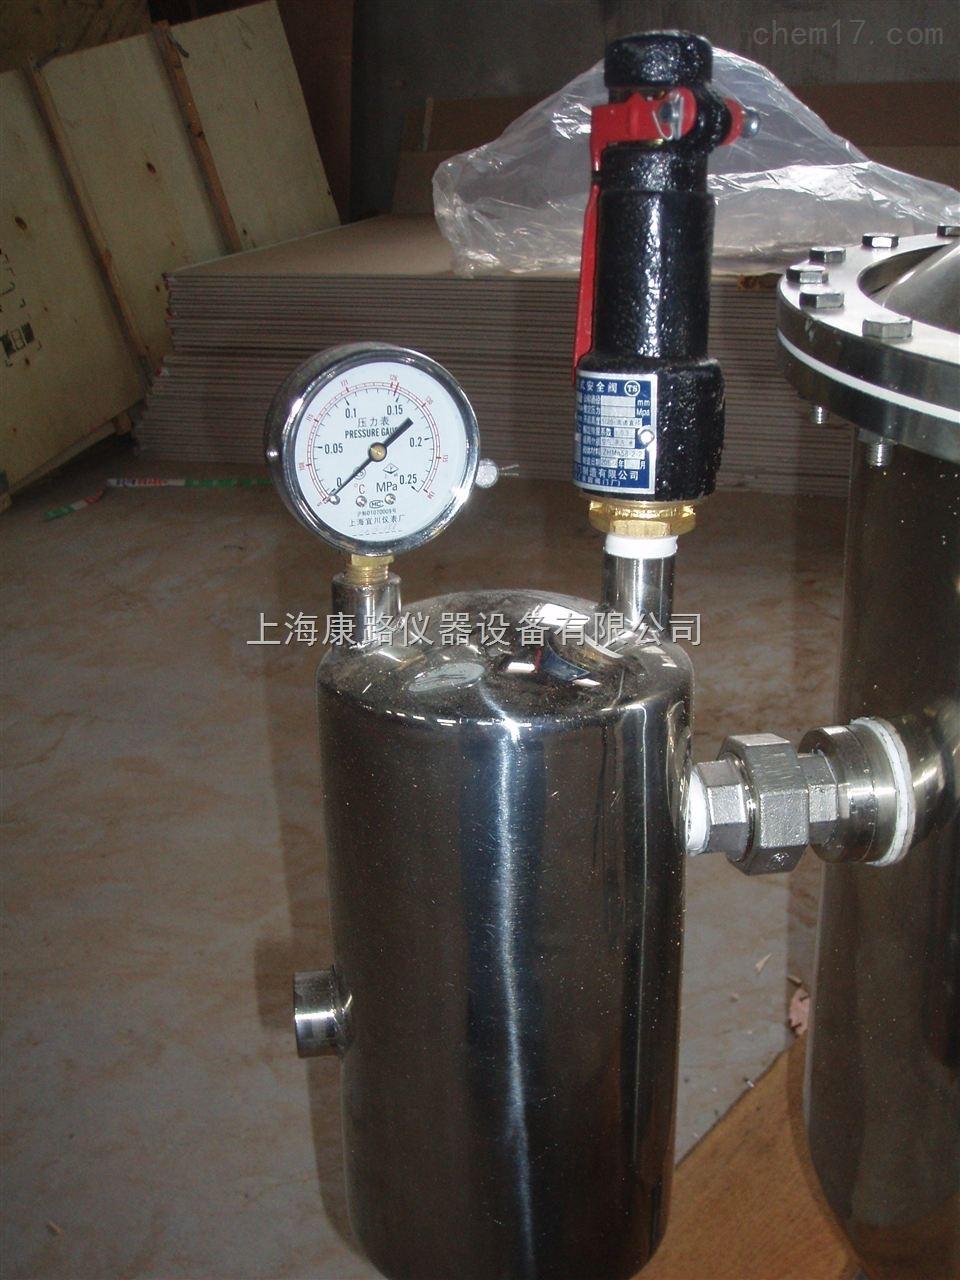 上海TZ系列不锈钢塔式蒸汽重蒸馏水器报价 TZ系列不锈钢塔式蒸汽重蒸馏水器 产品型号:TZ50/TZ100/TZ200/TZ400/TZ600 上海TZ系列不锈钢塔式蒸汽重蒸馏水器报价性能特点 整体采用优质不锈钢制作。 利用锅炉提供的高温蒸汽为热能加热,节约能源。 利用锅炉蒸汽冷凝的水为源水。 盘式蒸汽加热管,热效率高。 列管式冷却装置出水量大,易于维护。 在蒸馏过程中能有效实现过滤、排氨、水汽分离,保证生产的蒸馏水质量。 上海TZ系列不锈钢塔式蒸汽重蒸馏水器报价 主要技术参数(MainTechnical